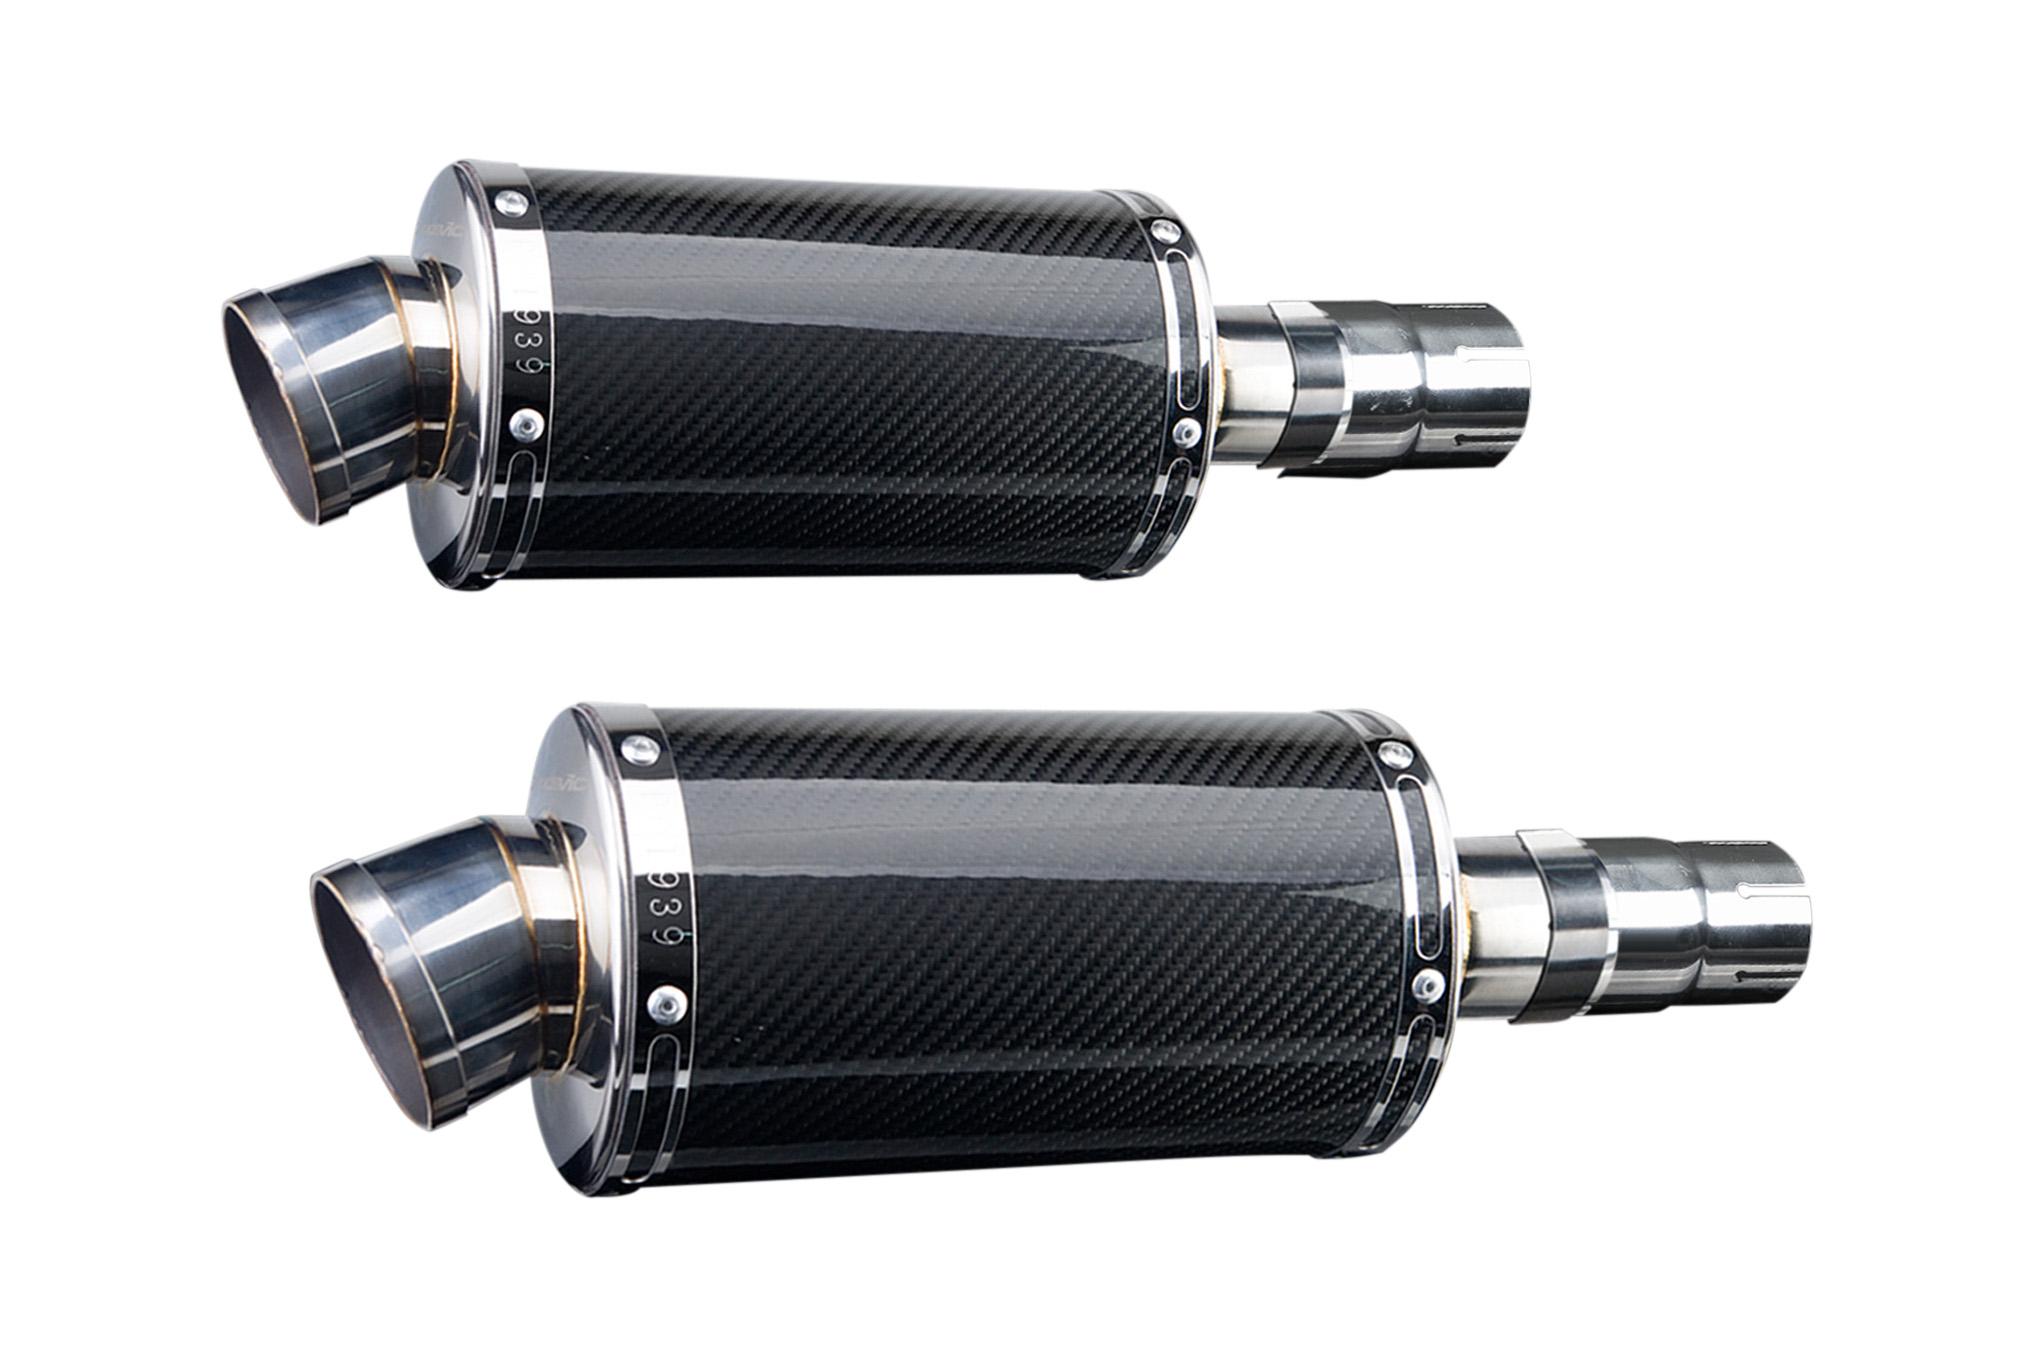 Ds carbon fiber muffler silencer exhaust slip on triumph